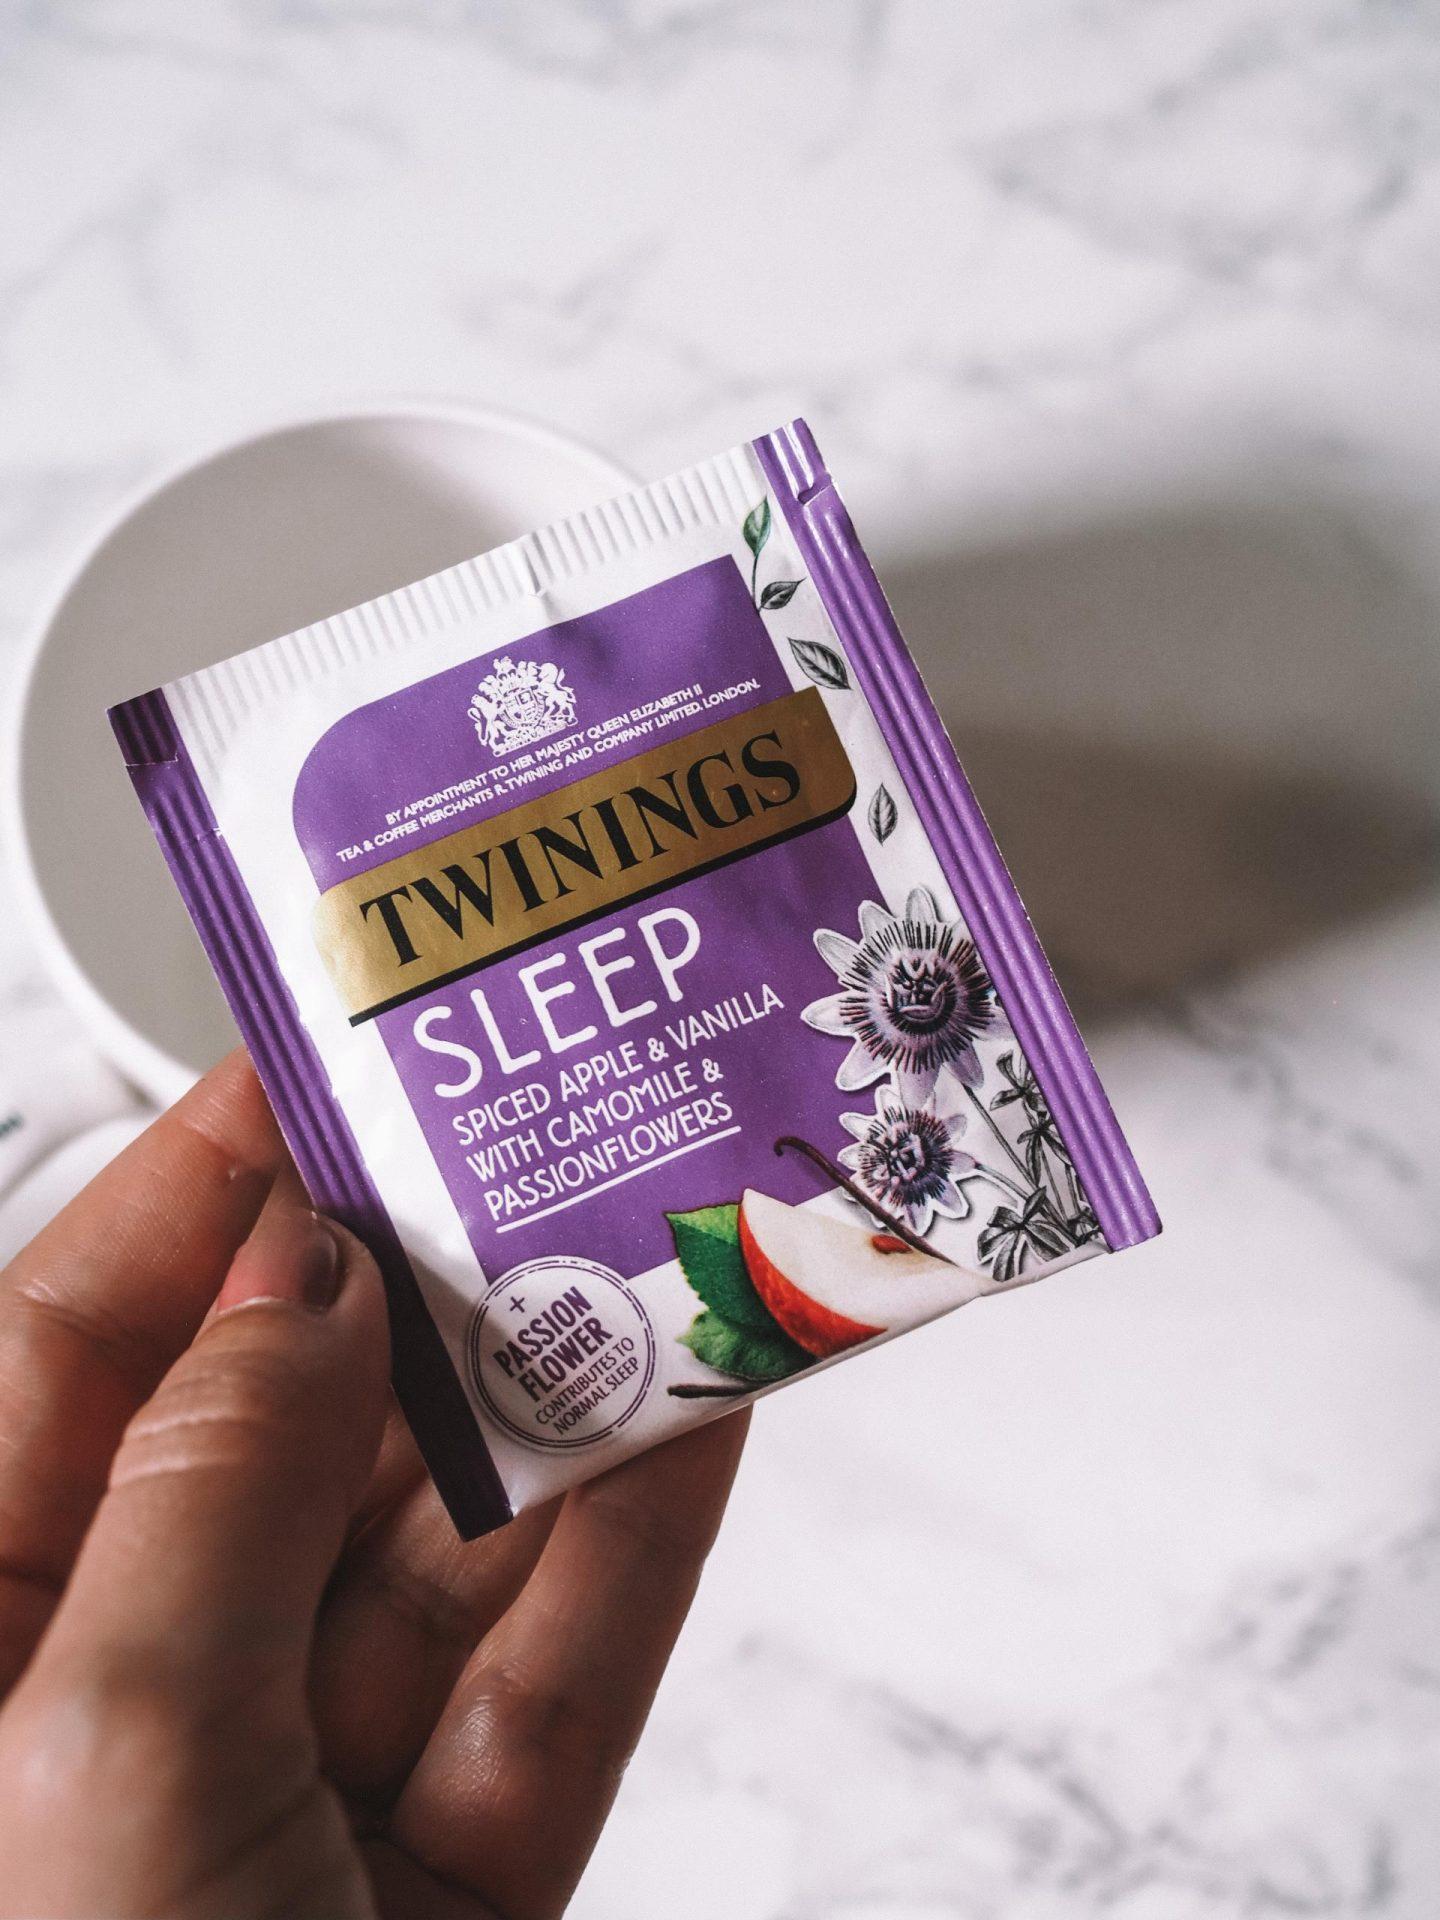 Twinings Superblends Sleep Tea